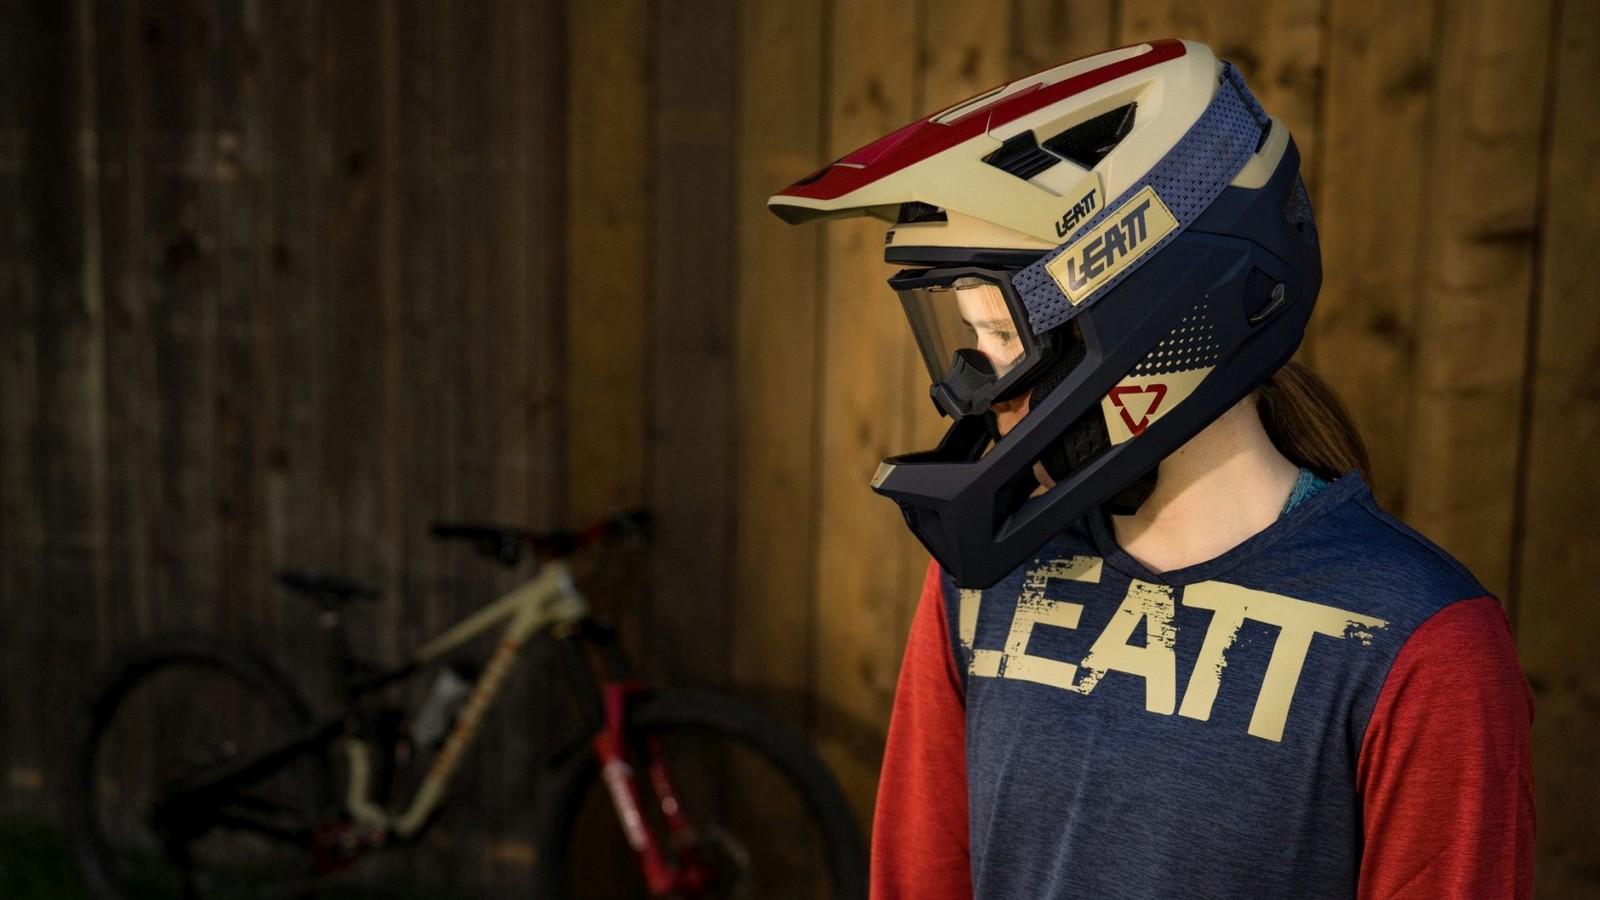 Leatt Announces All-New 2021 Helmet Range